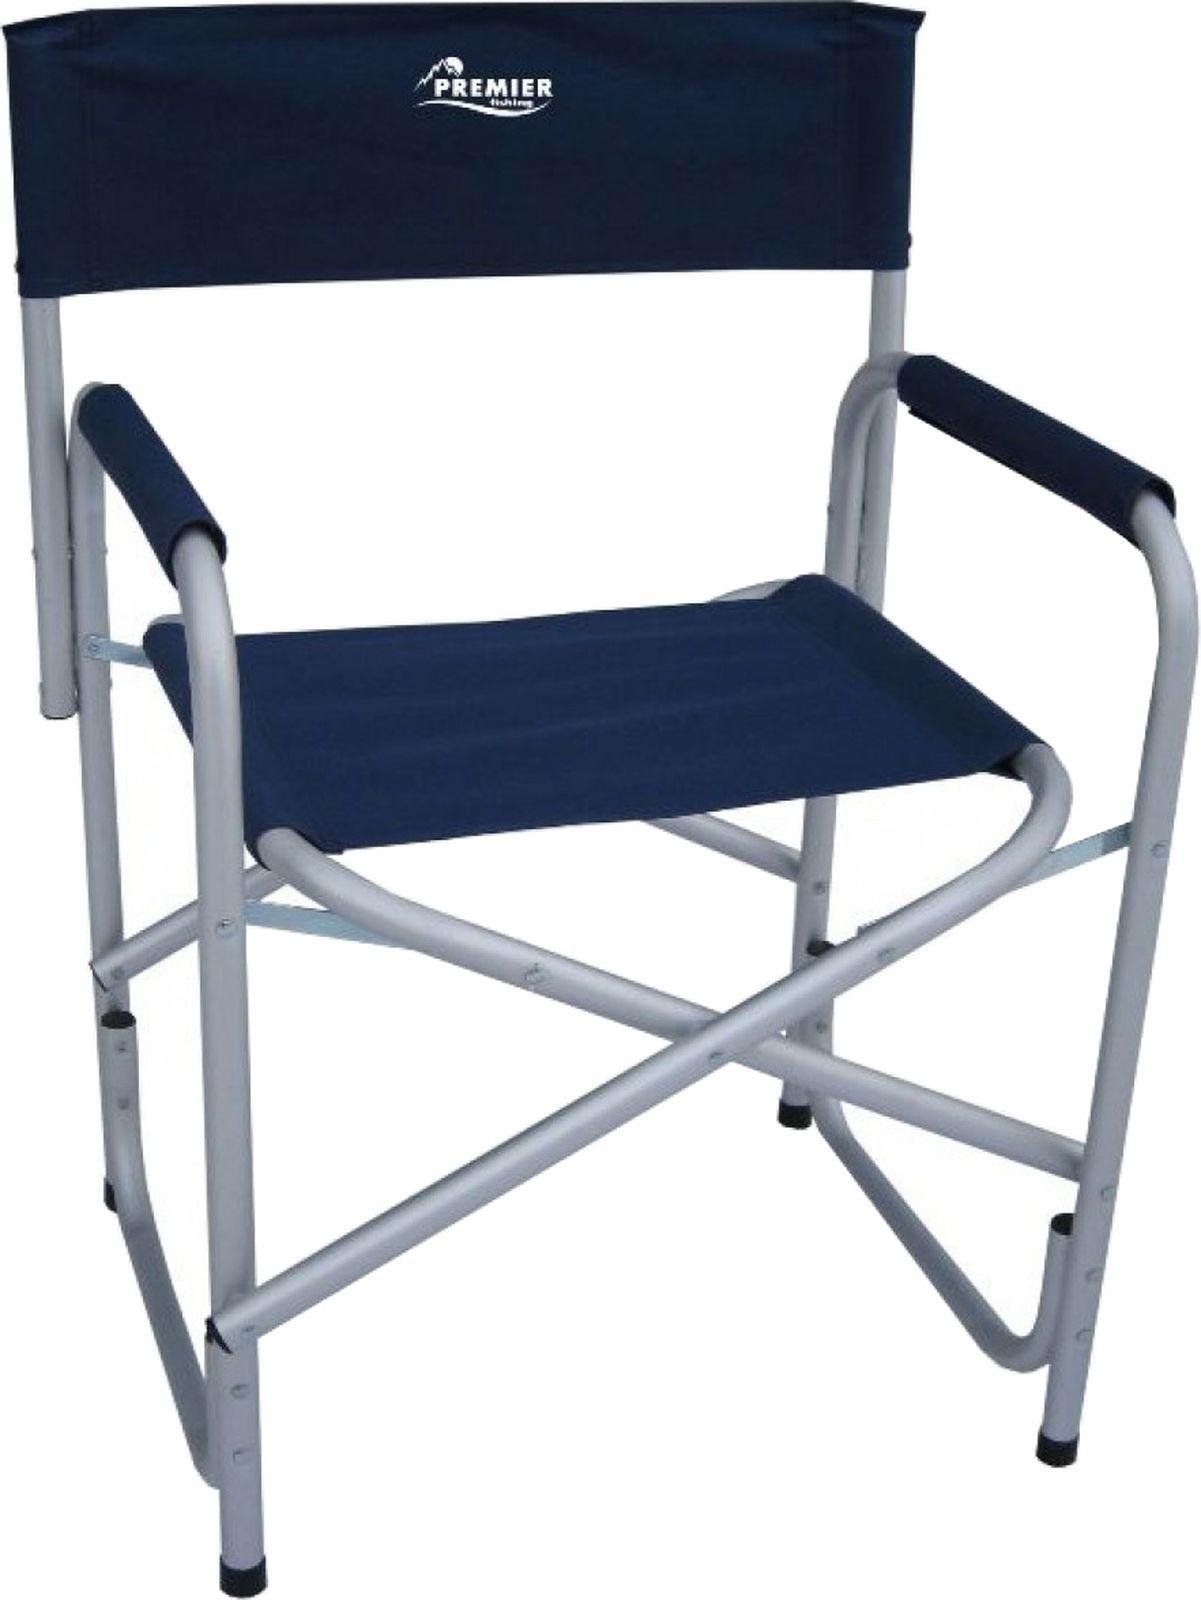 Кресло складное Premier , синий, 87 х 46,5 х 49 см кресло premier складное pr 249 140 кг